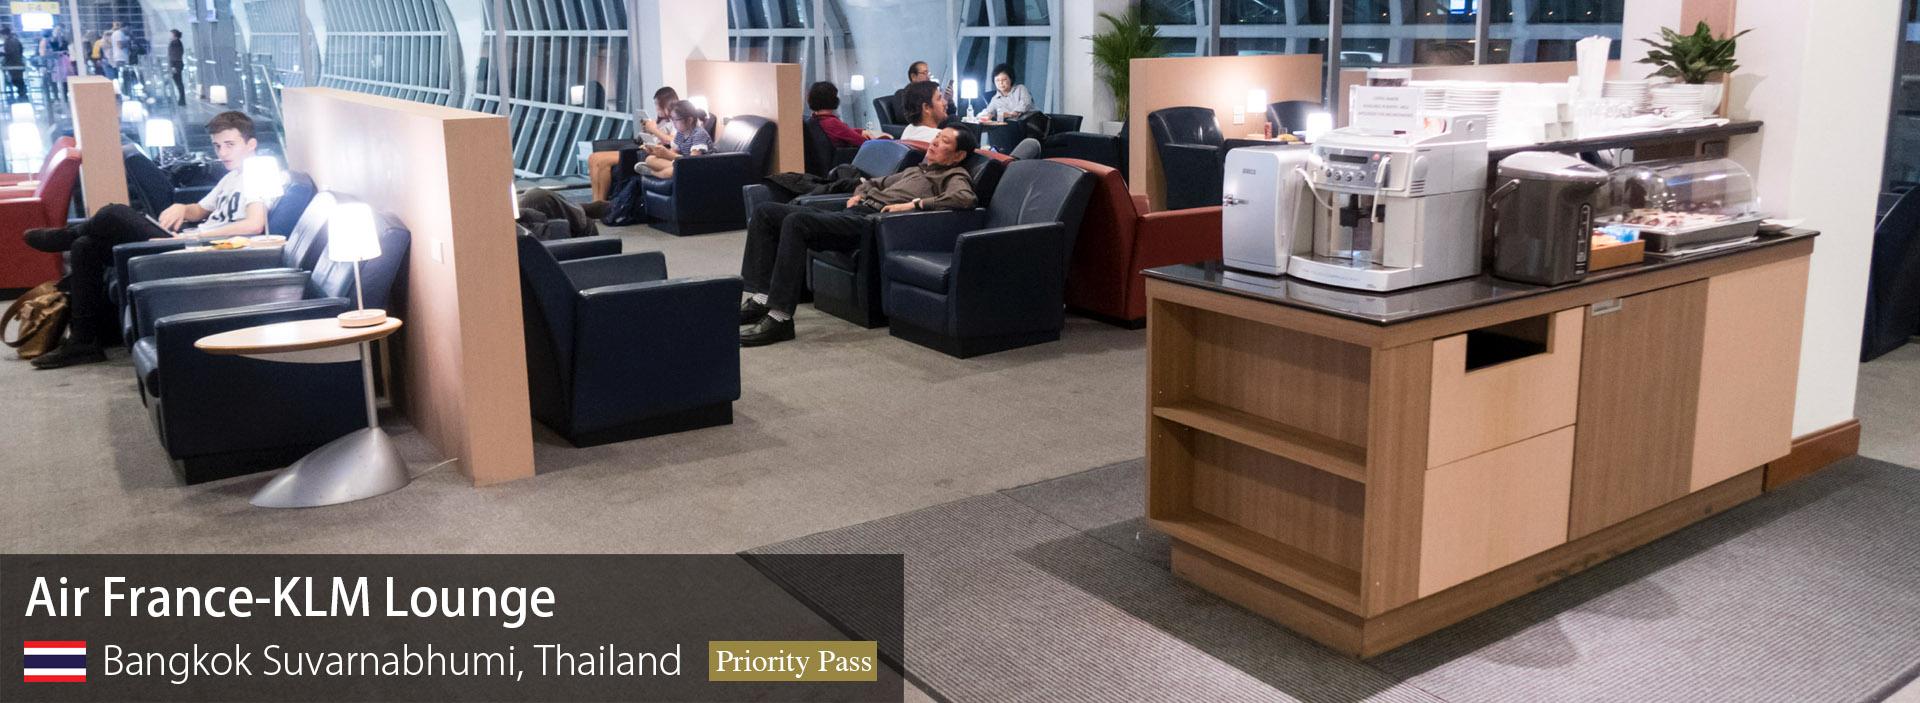 Review: Air France-KL Lounge at Bangkok Suvarnabhumi